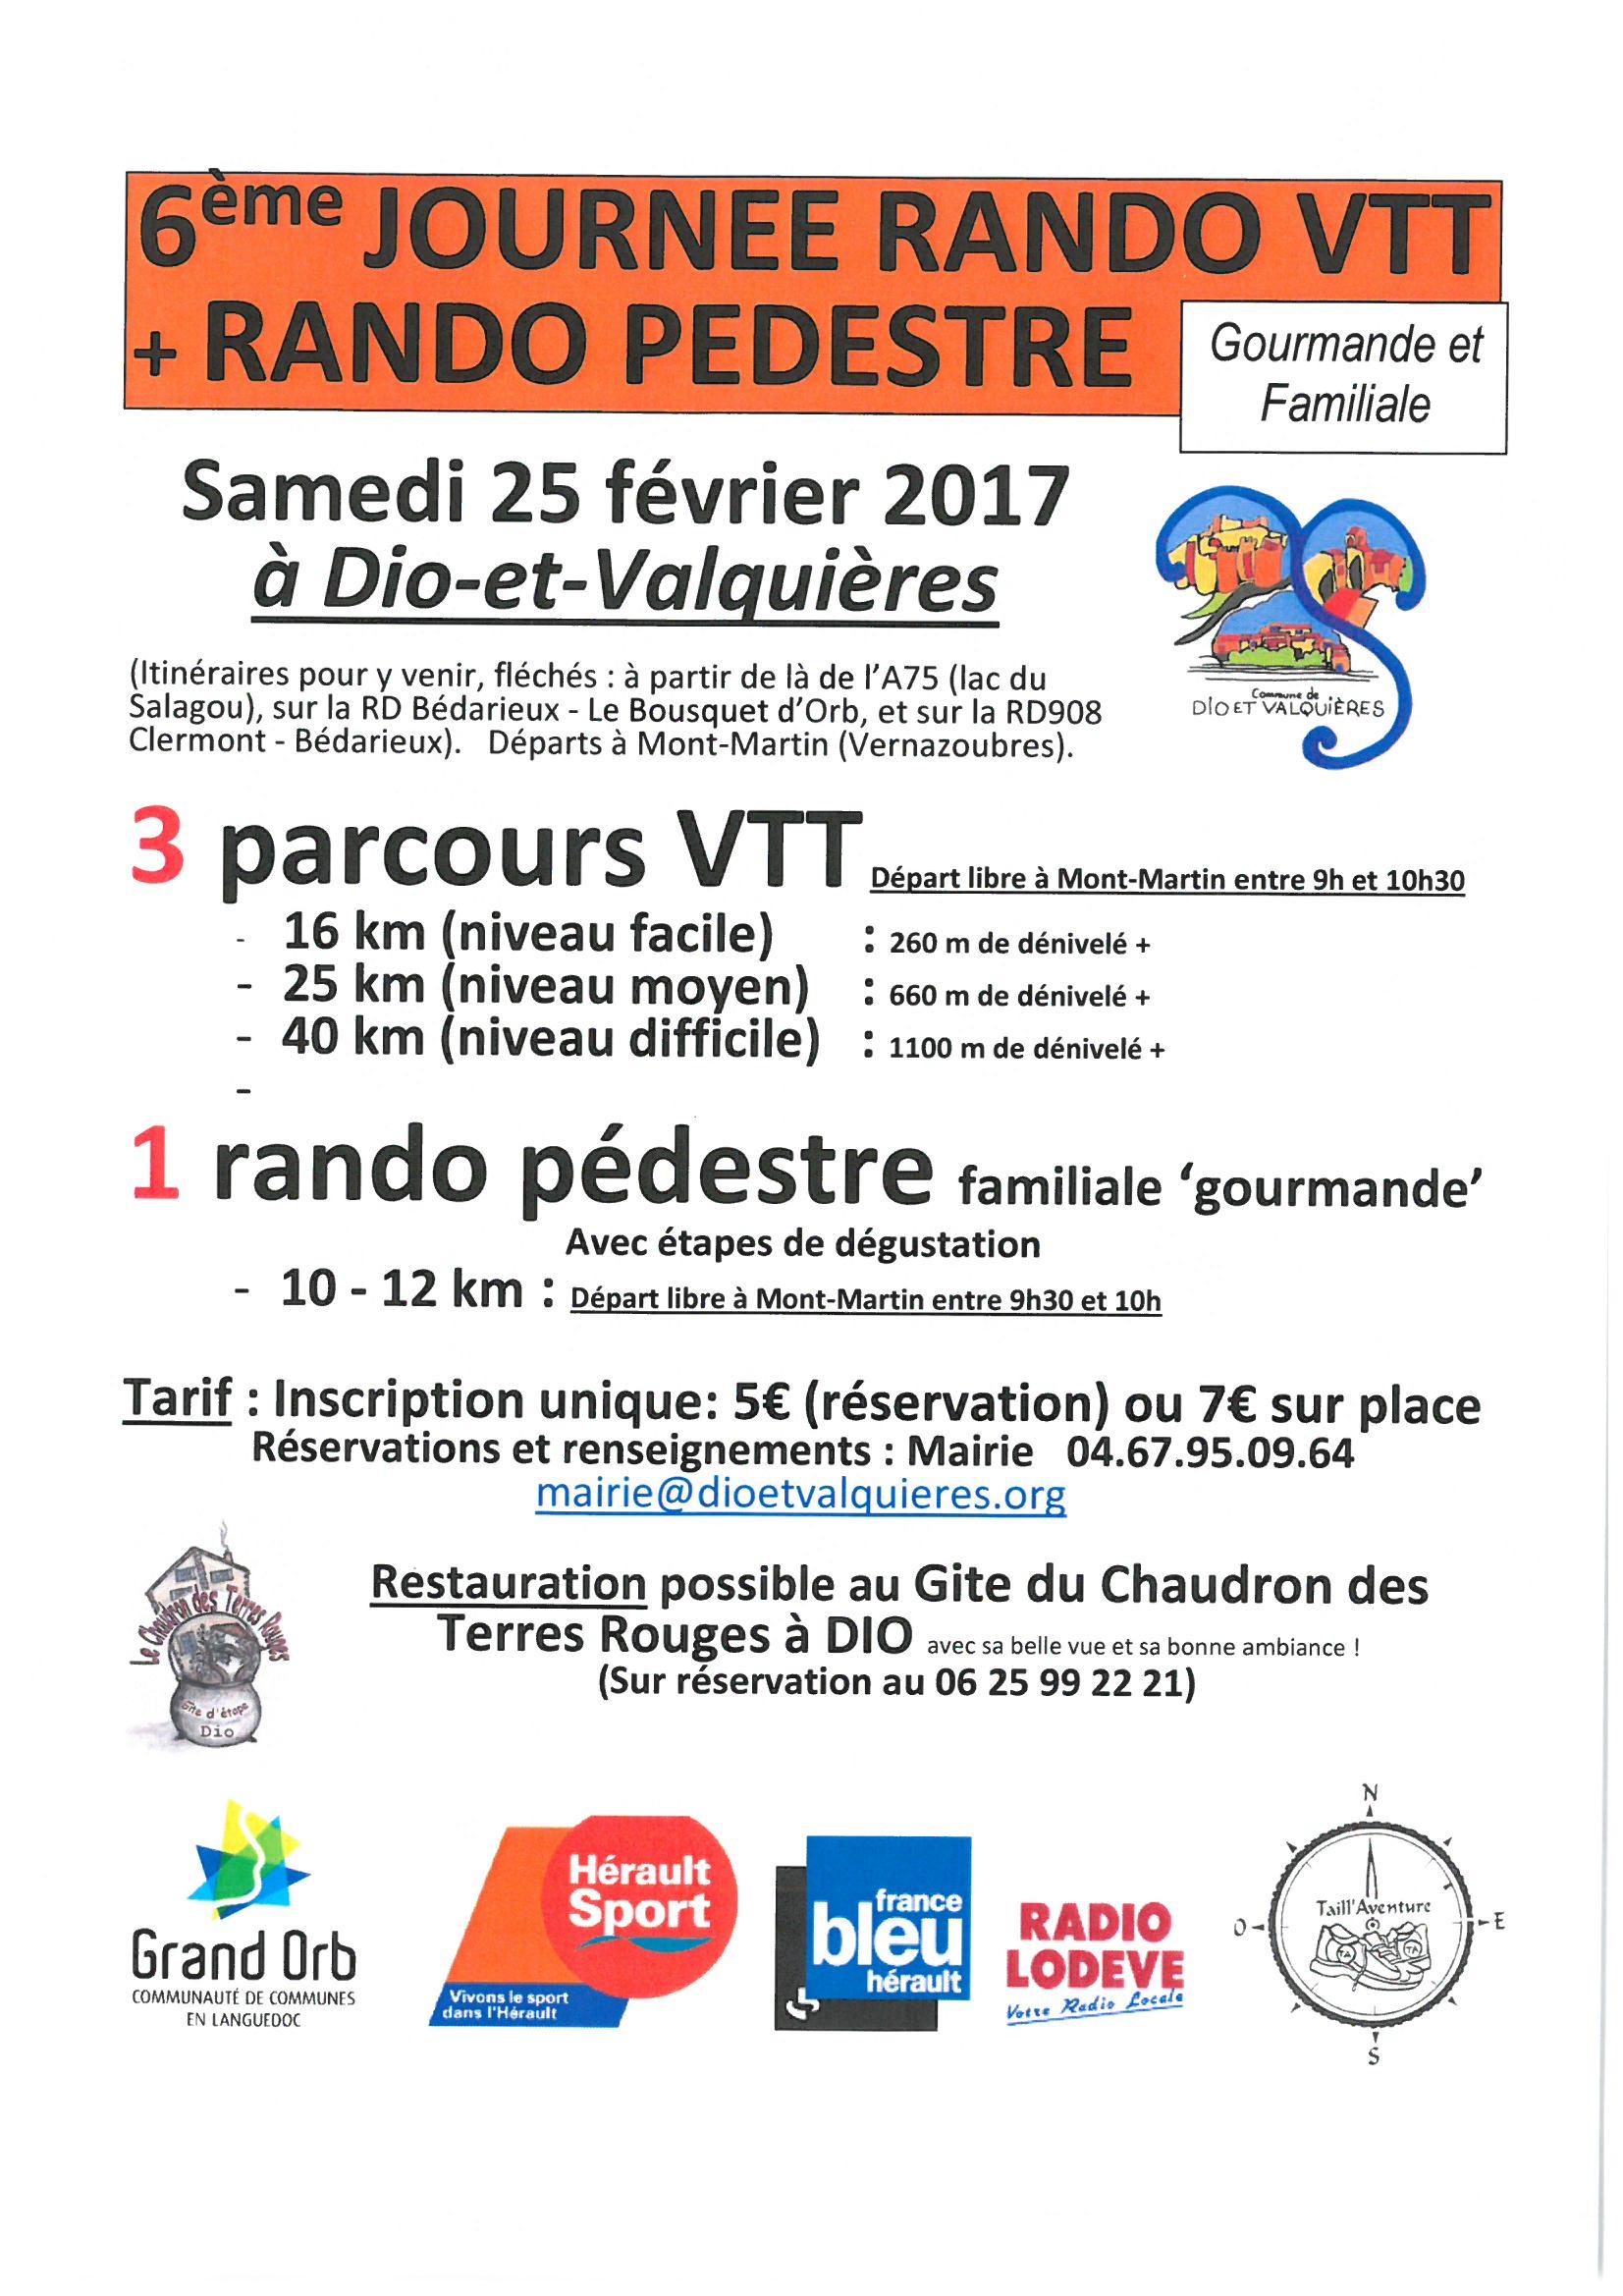 Rando VTT et Pédestre Gourmande 2017